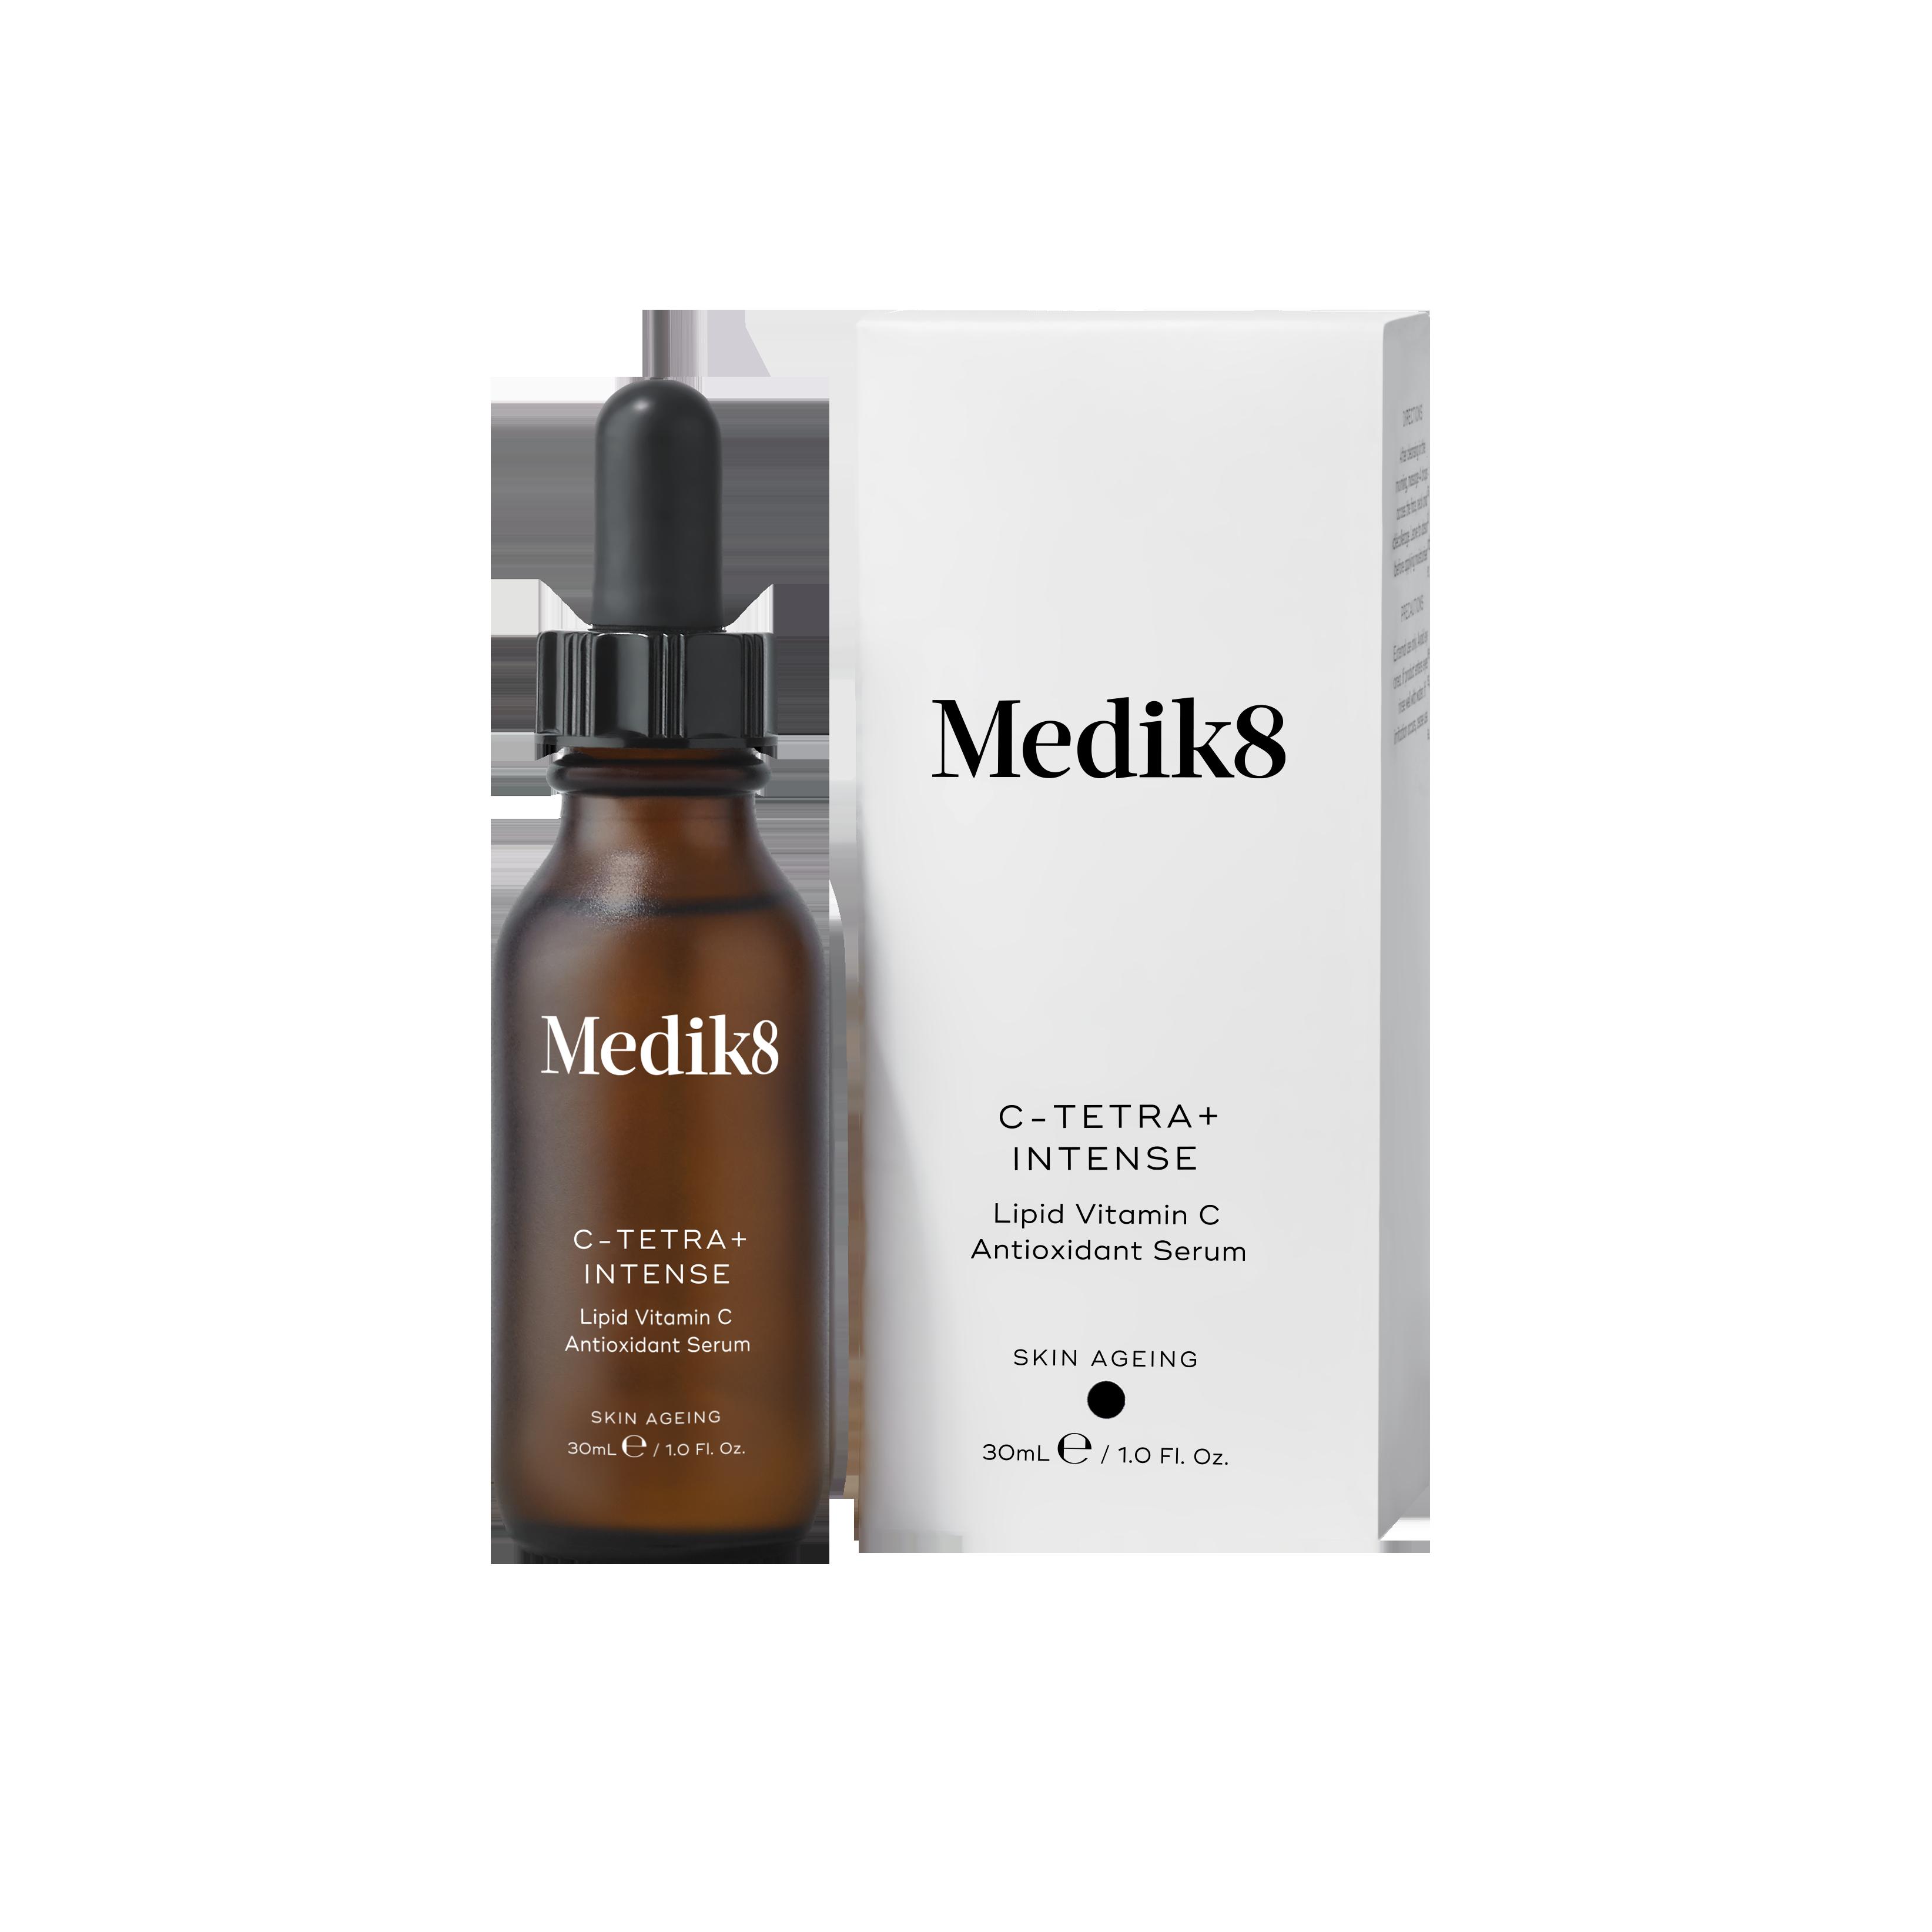 Medik8 C Tetra + Intense